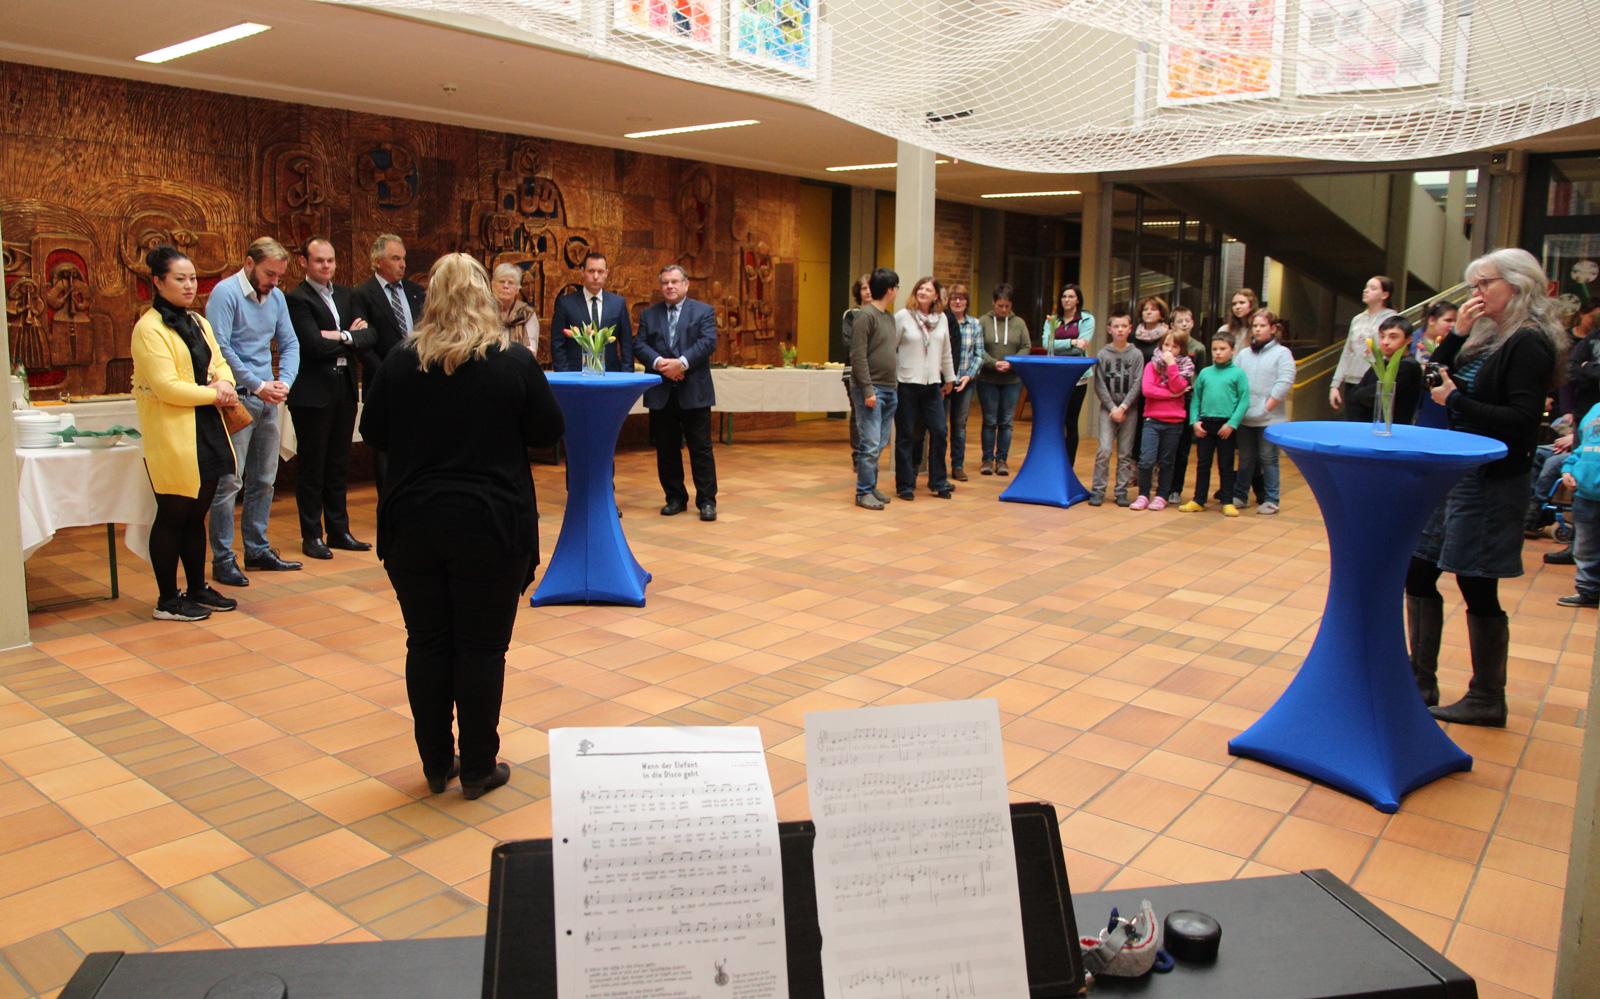 Freude über den riesigen und schnellen Spendenerfolg festlich zelebriert: Schüler dankten mit Liedbeiträgen - Spender freuten sich sichtlich.